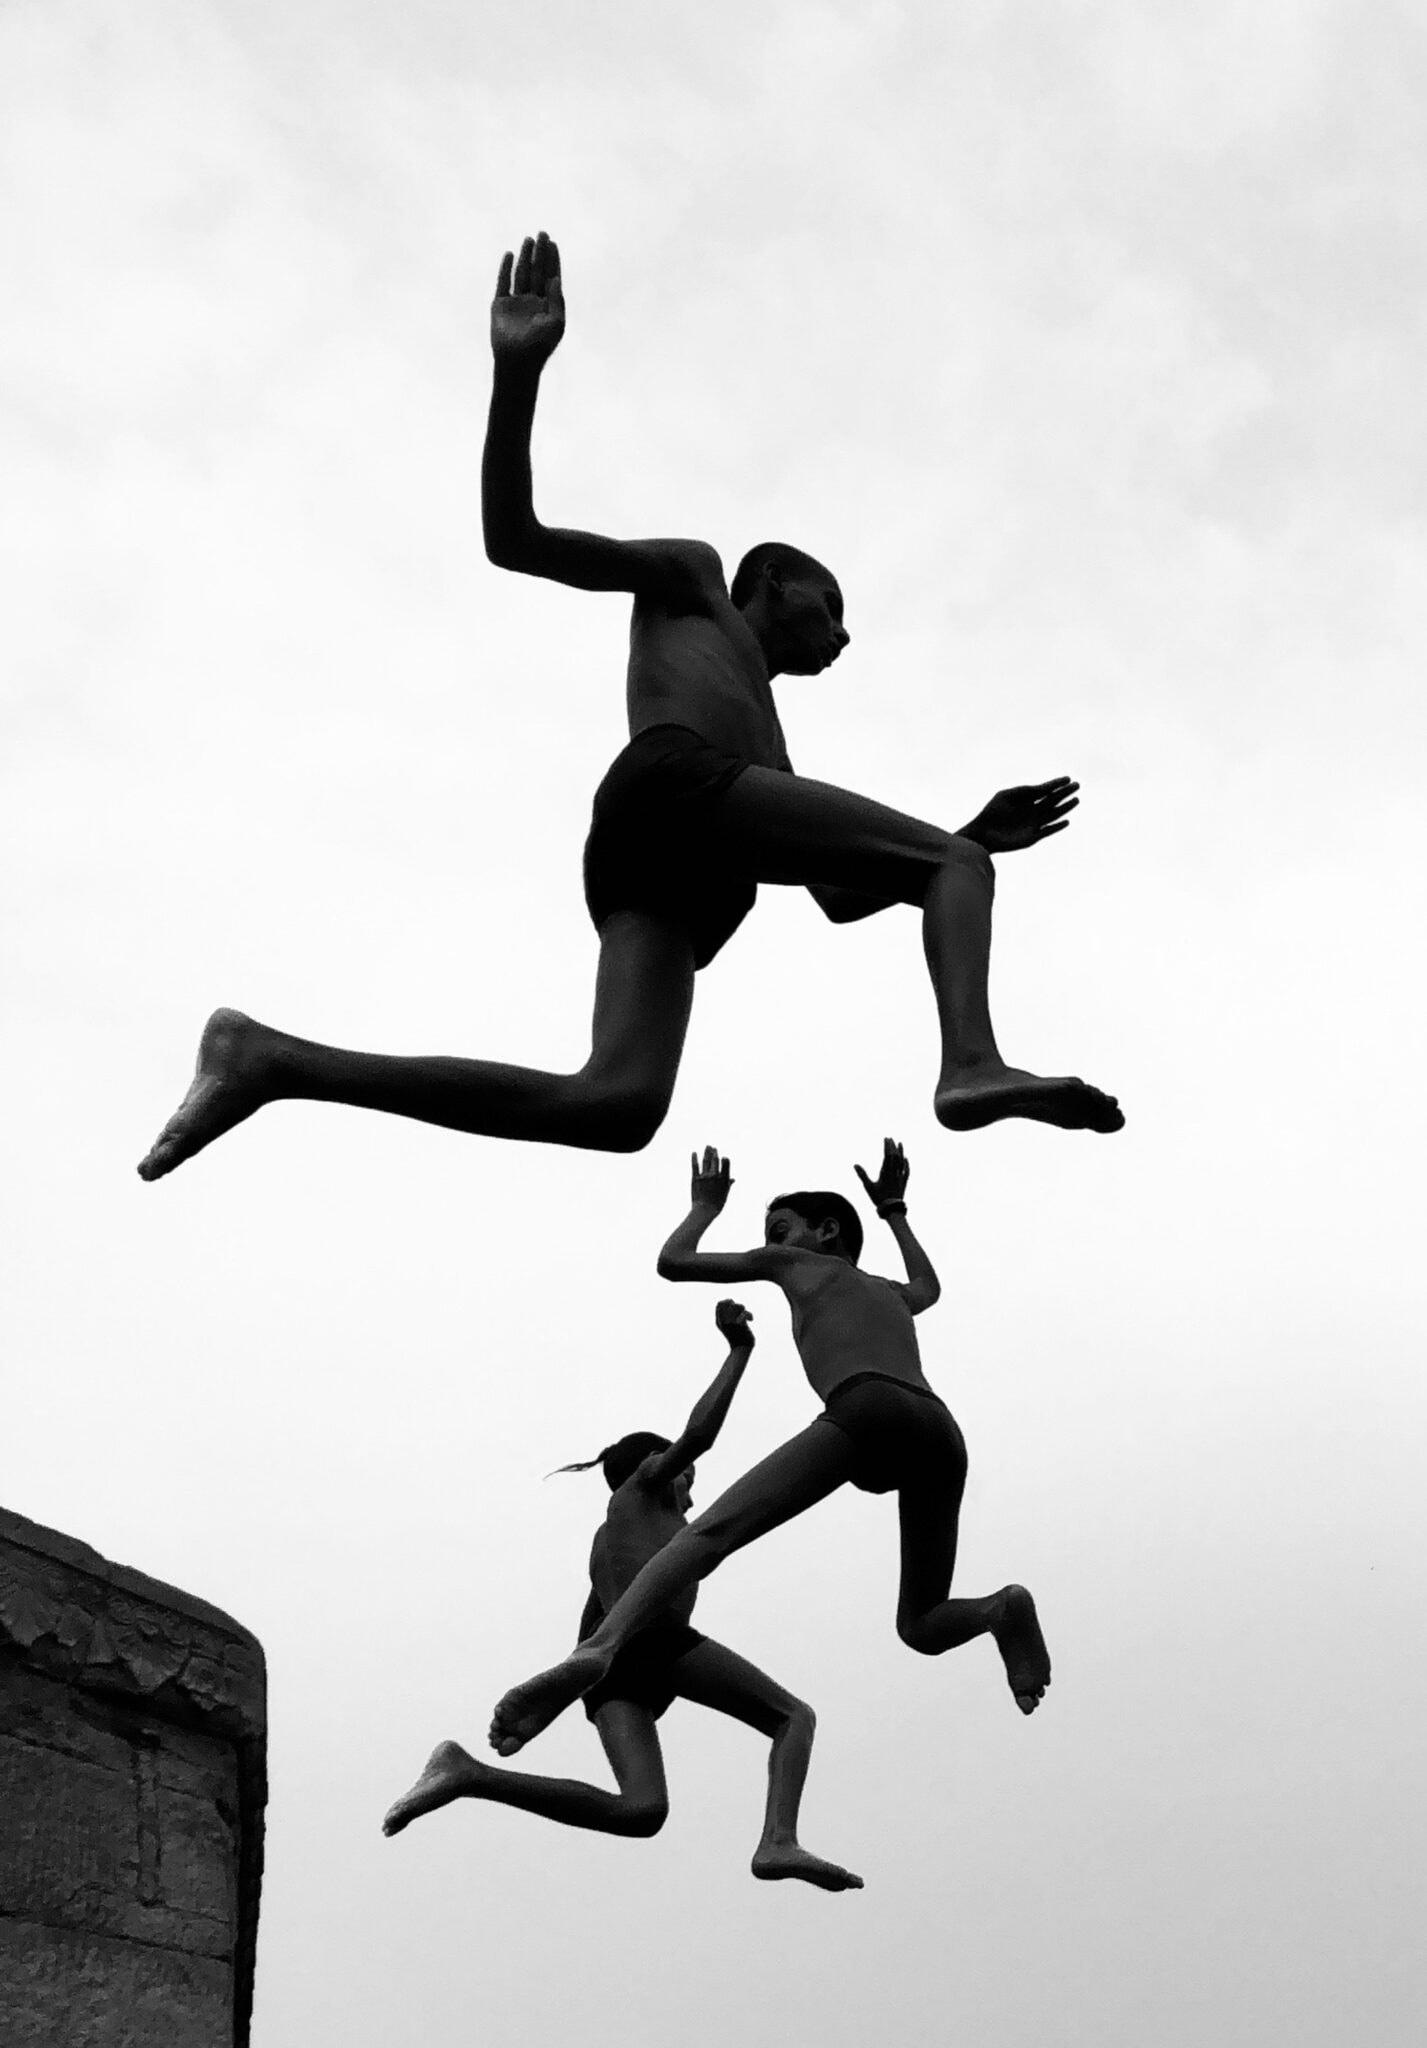 Quán quân cuộc thi ảnh iPhone chia sẻ bí quyết chụp street style cực chất - 4